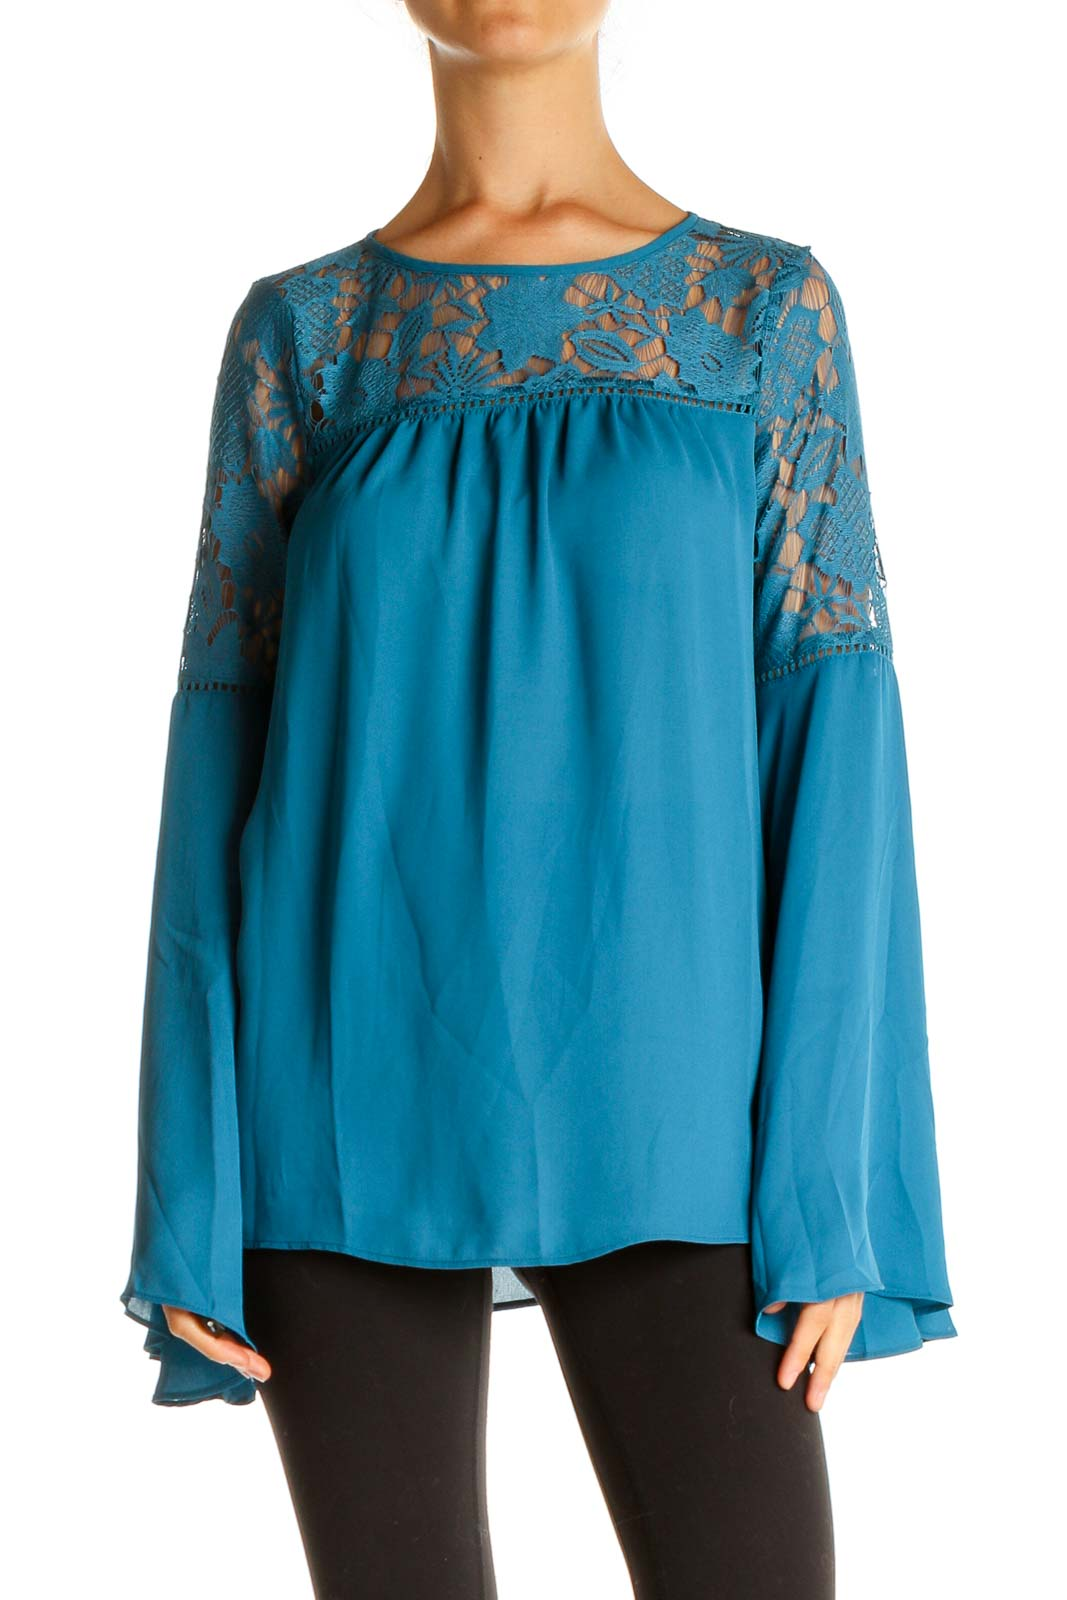 Blue Lace Retro Blouse Front